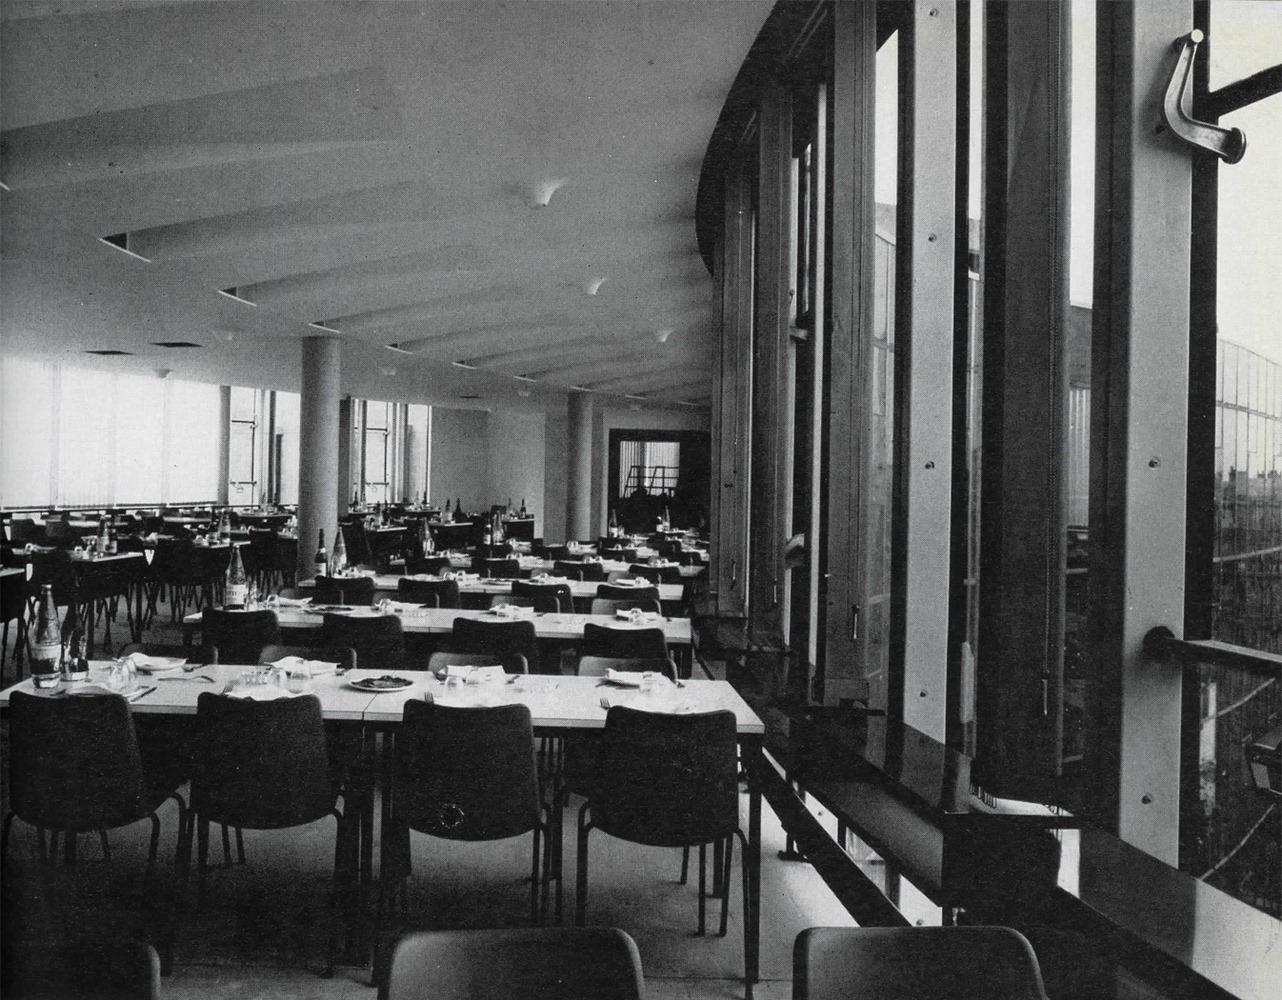 LE SIÈGE DU PARTI COMMUNISTE FRANÇAIS - Salle de réunion